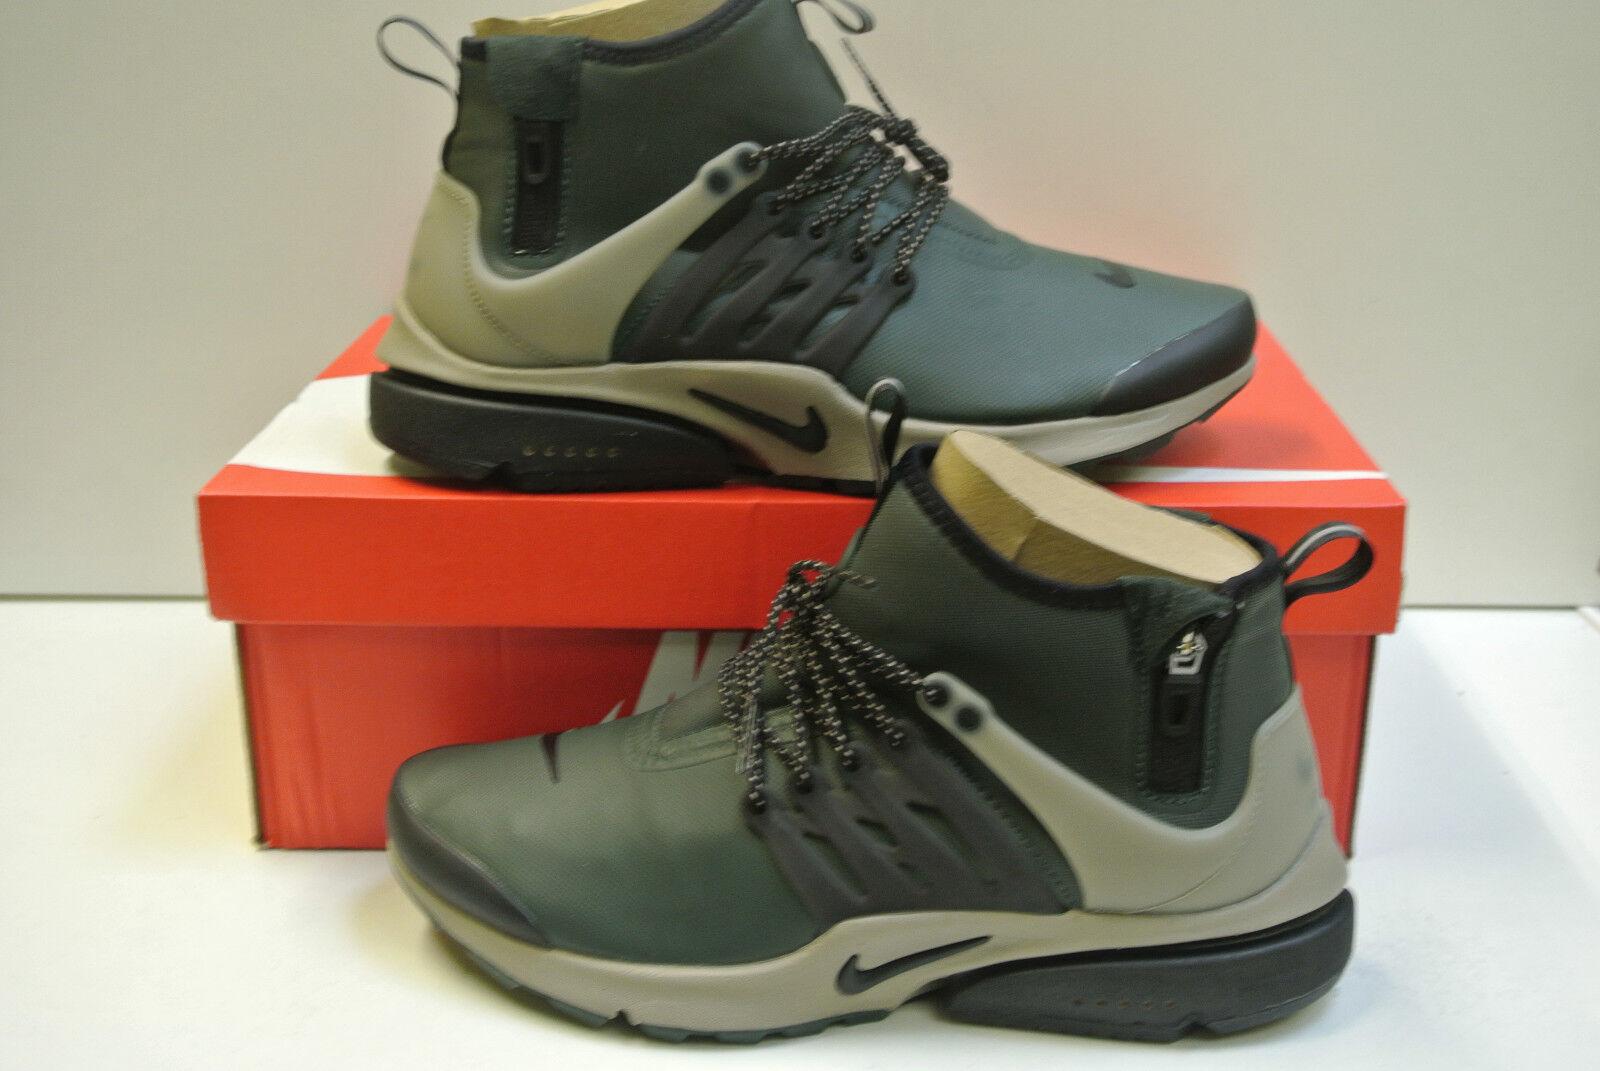 Nike Air Presto Mid Utility Größe wählbar Neu & OVP 859524 300